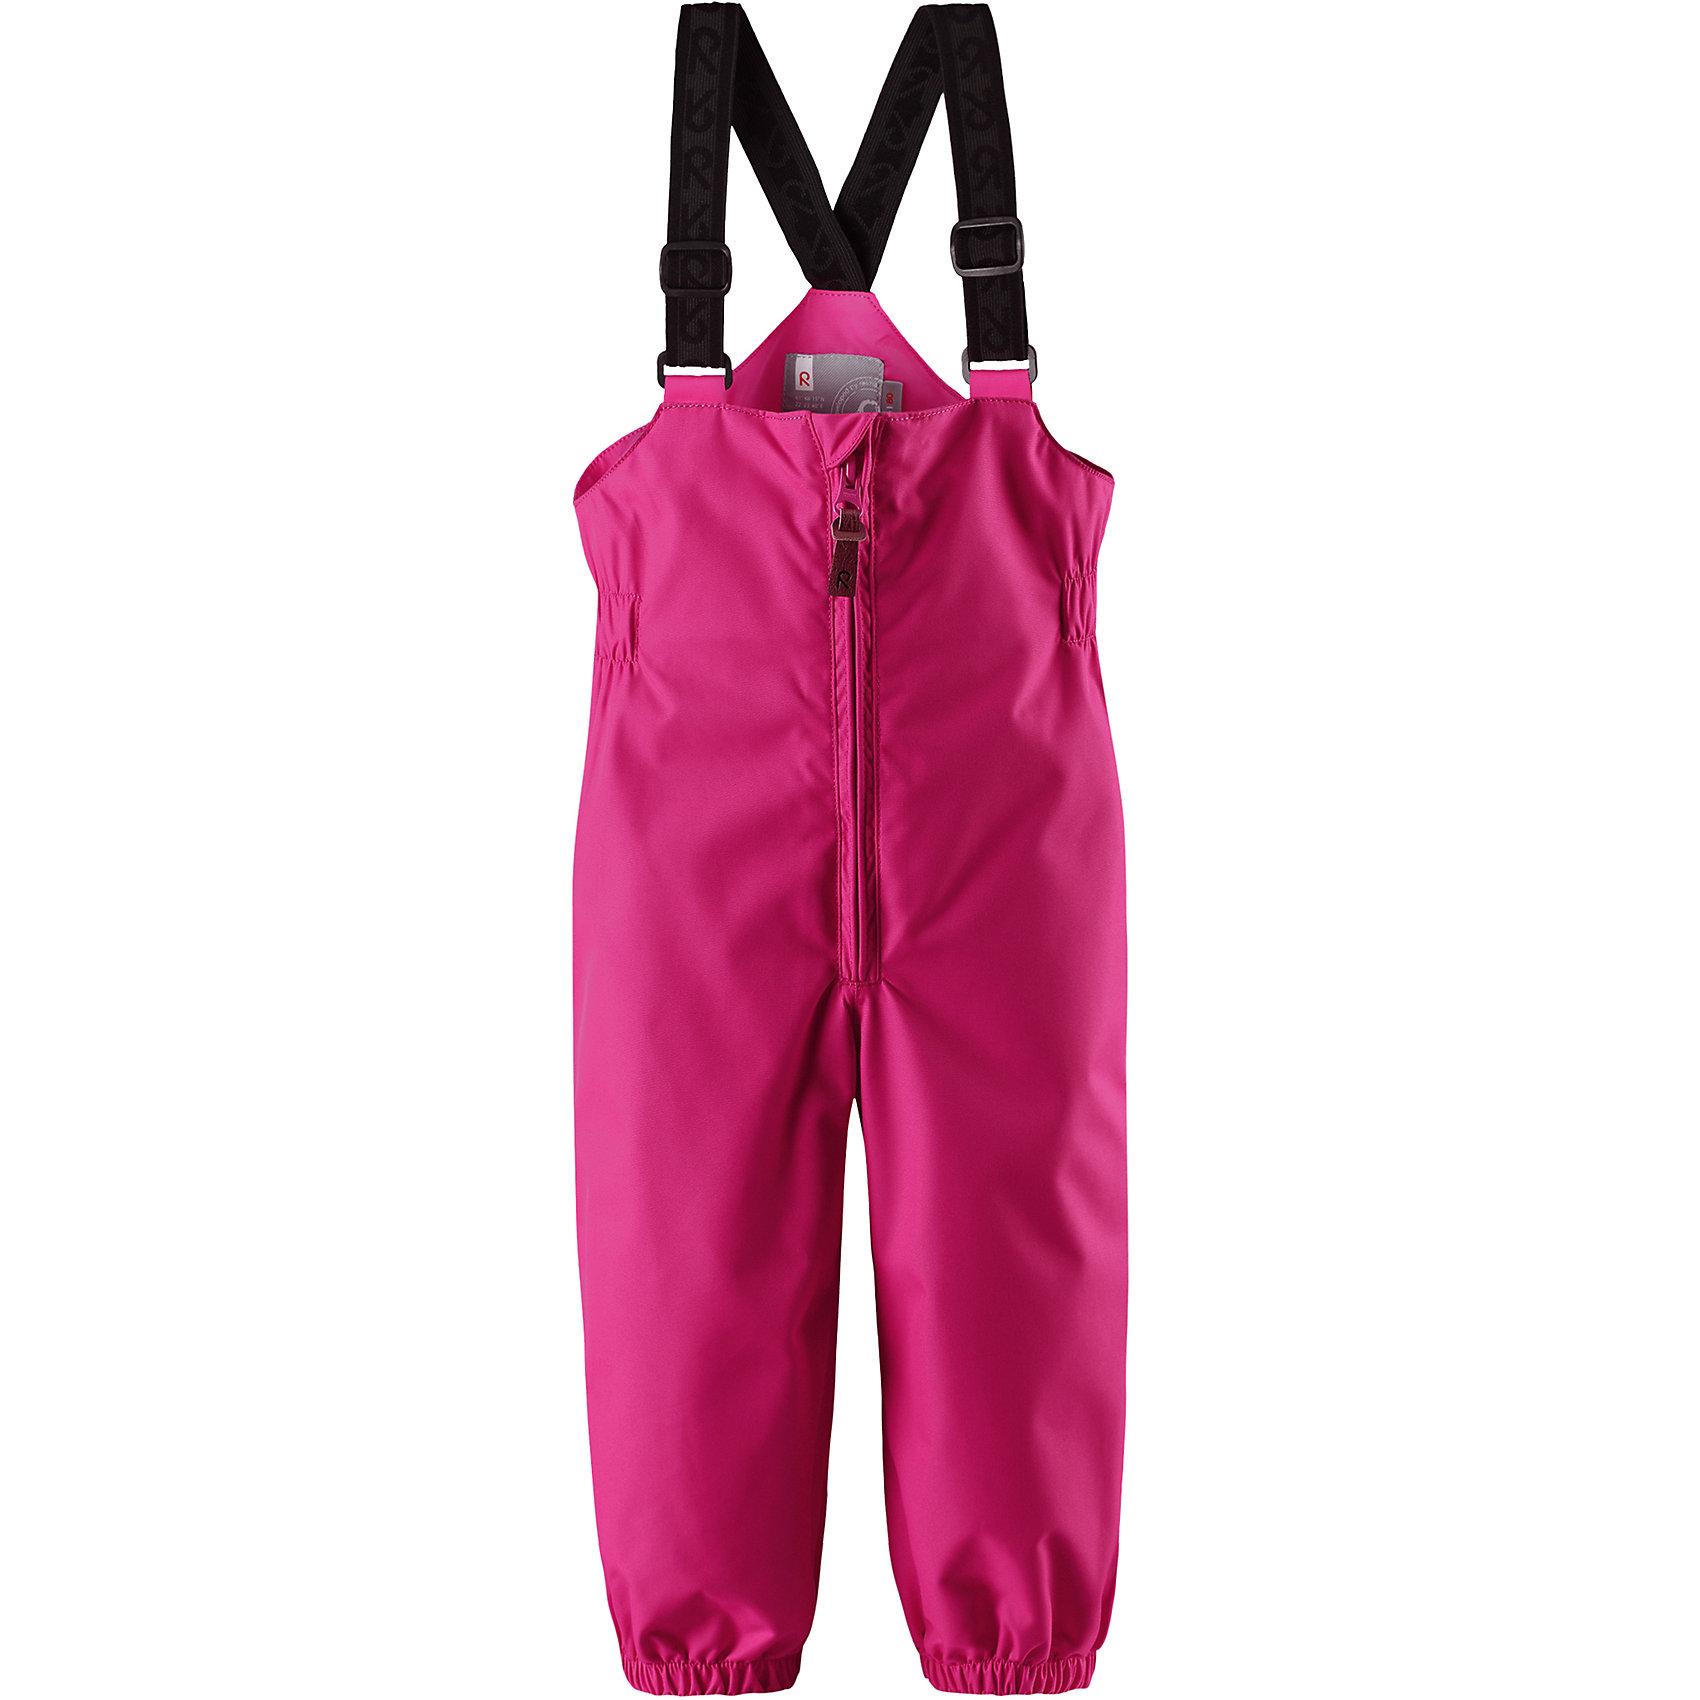 Брюки Erft для девочки Reimatec® ReimaВерхняя одежда<br>Характеристики товара:<br><br>• цвет: розовый<br>• состав: 100% полиэстер, полиуретановое покрытие<br>• температурный режим: от +5°до +15°С<br>• водонепроницаемость: 8000 мм<br>• воздухопроницаемость: 5000 мм<br>• износостойкость: 30000 циклов (тест Мартиндейла)<br>• без утеплителя<br>• основые швы проклеены, водонепроницаемы<br>• водоотталкивающий, ветронепроницаемый, дышащий и водонепроницаемый материал<br>• гладкая подкладка из полиэстера<br>• высокая талия с регулируемыми подтяжками<br>• эластичные манжеты на брючинах<br>• эластичные съёмные штрипки<br>• комфортная посадка<br>• ширинка на молнии<br>• светоотражающие детали<br>• страна производства: Китай<br>• страна бренда: Финляндия<br>• коллекция: весна-лето 2017<br><br>Демисезонные брюки помогут обеспечить ребенку комфорт и тепло. Они отлично смотрятся с различным верхом. Изделие удобно сидит и модно выглядит. Материал отлично подходит для дождливой погоды. Стильный дизайн разрабатывался специально для детей.<br><br>Обувь и одежда от финского бренда Reima пользуются популярностью во многих странах. Они стильные, качественные и удобные. Для производства продукции используются только безопасные, проверенные материалы и фурнитура.<br><br>Брюки Reimatec® от финского бренда Reima (Рейма) можно купить в нашем интернет-магазине.<br><br>Ширина мм: 215<br>Глубина мм: 88<br>Высота мм: 191<br>Вес г: 336<br>Цвет: розовый<br>Возраст от месяцев: 12<br>Возраст до месяцев: 15<br>Пол: Женский<br>Возраст: Детский<br>Размер: 80,86,74,98,92<br>SKU: 5265484